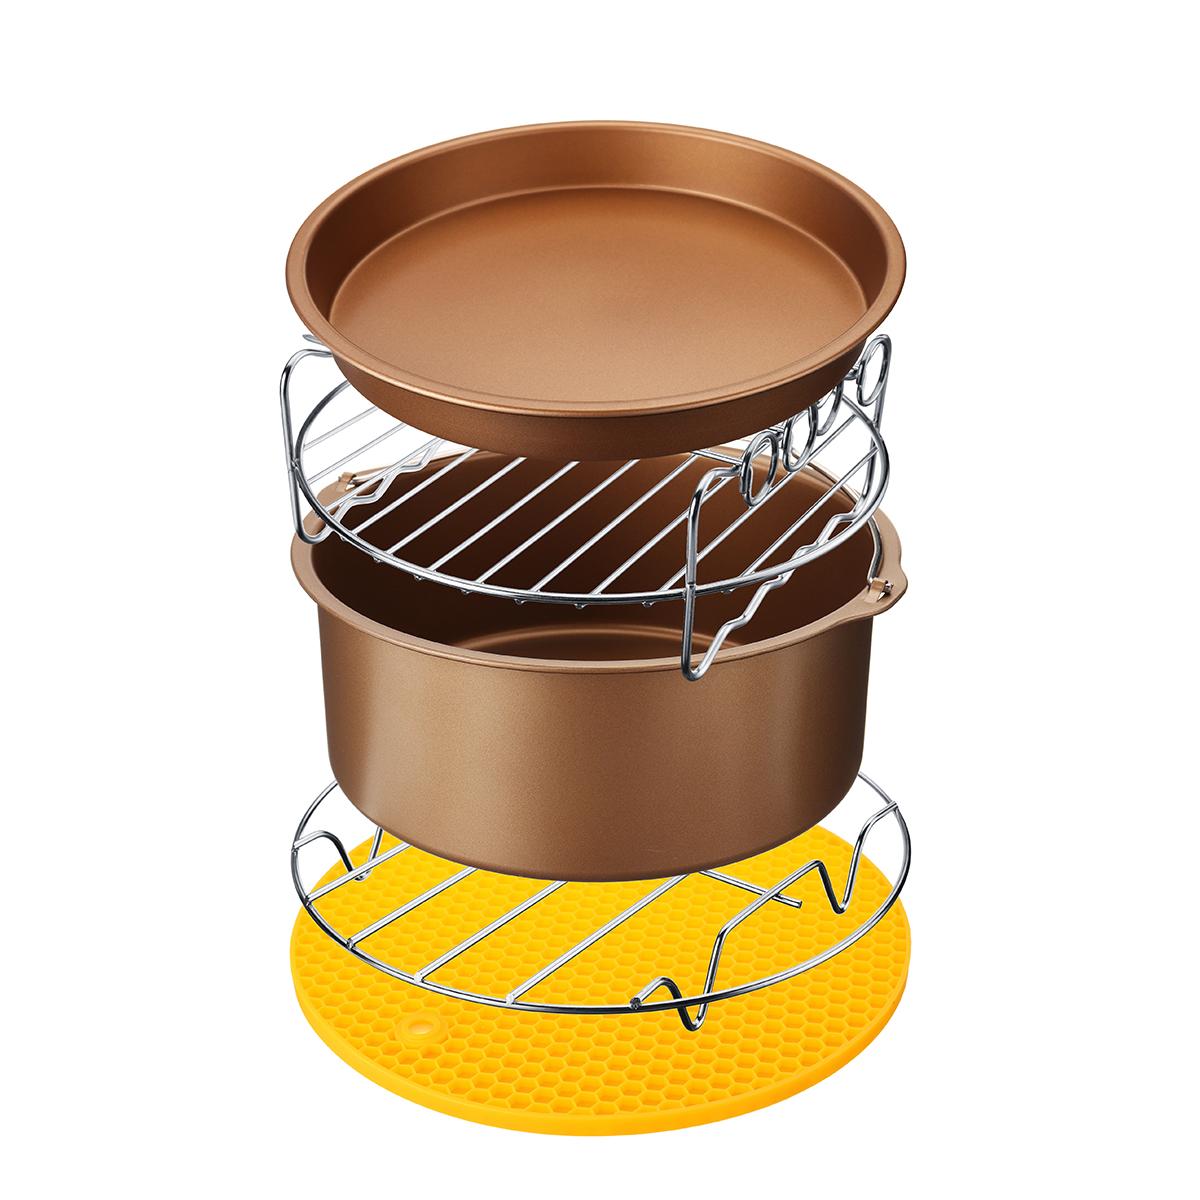 5Pcs8''Комплектдляфритюрницы для кондитерских изделий Пирог для пиццы Барбекю для жарки